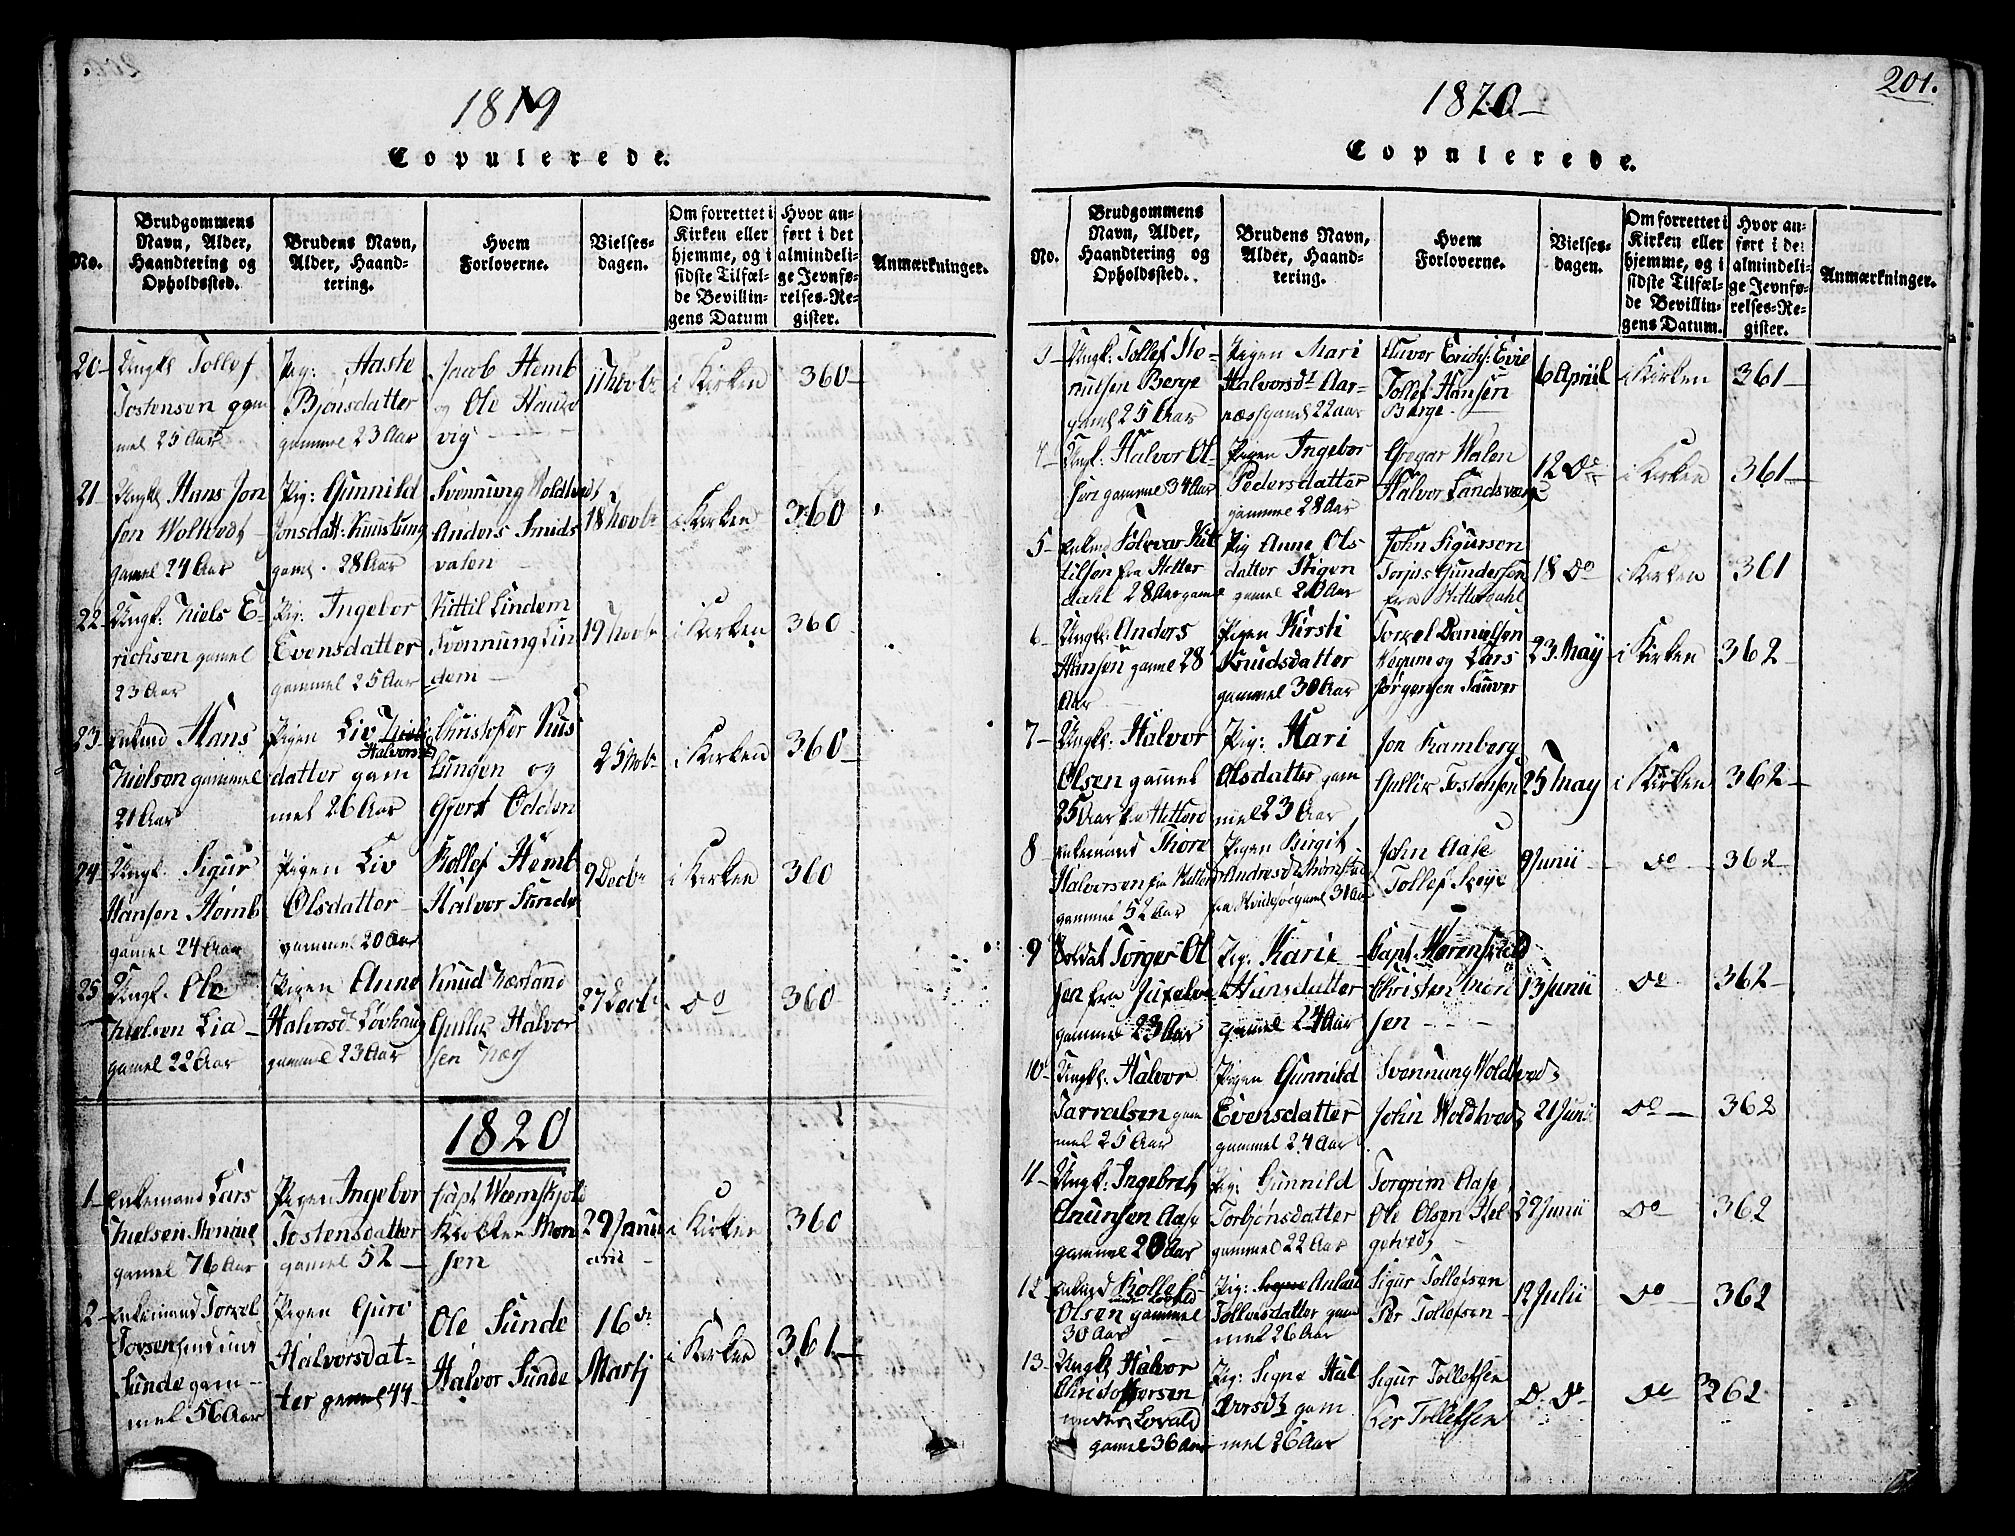 SAKO, Sauherad kirkebøker, G/Ga/L0001: Klokkerbok nr. I 1, 1815-1827, s. 201